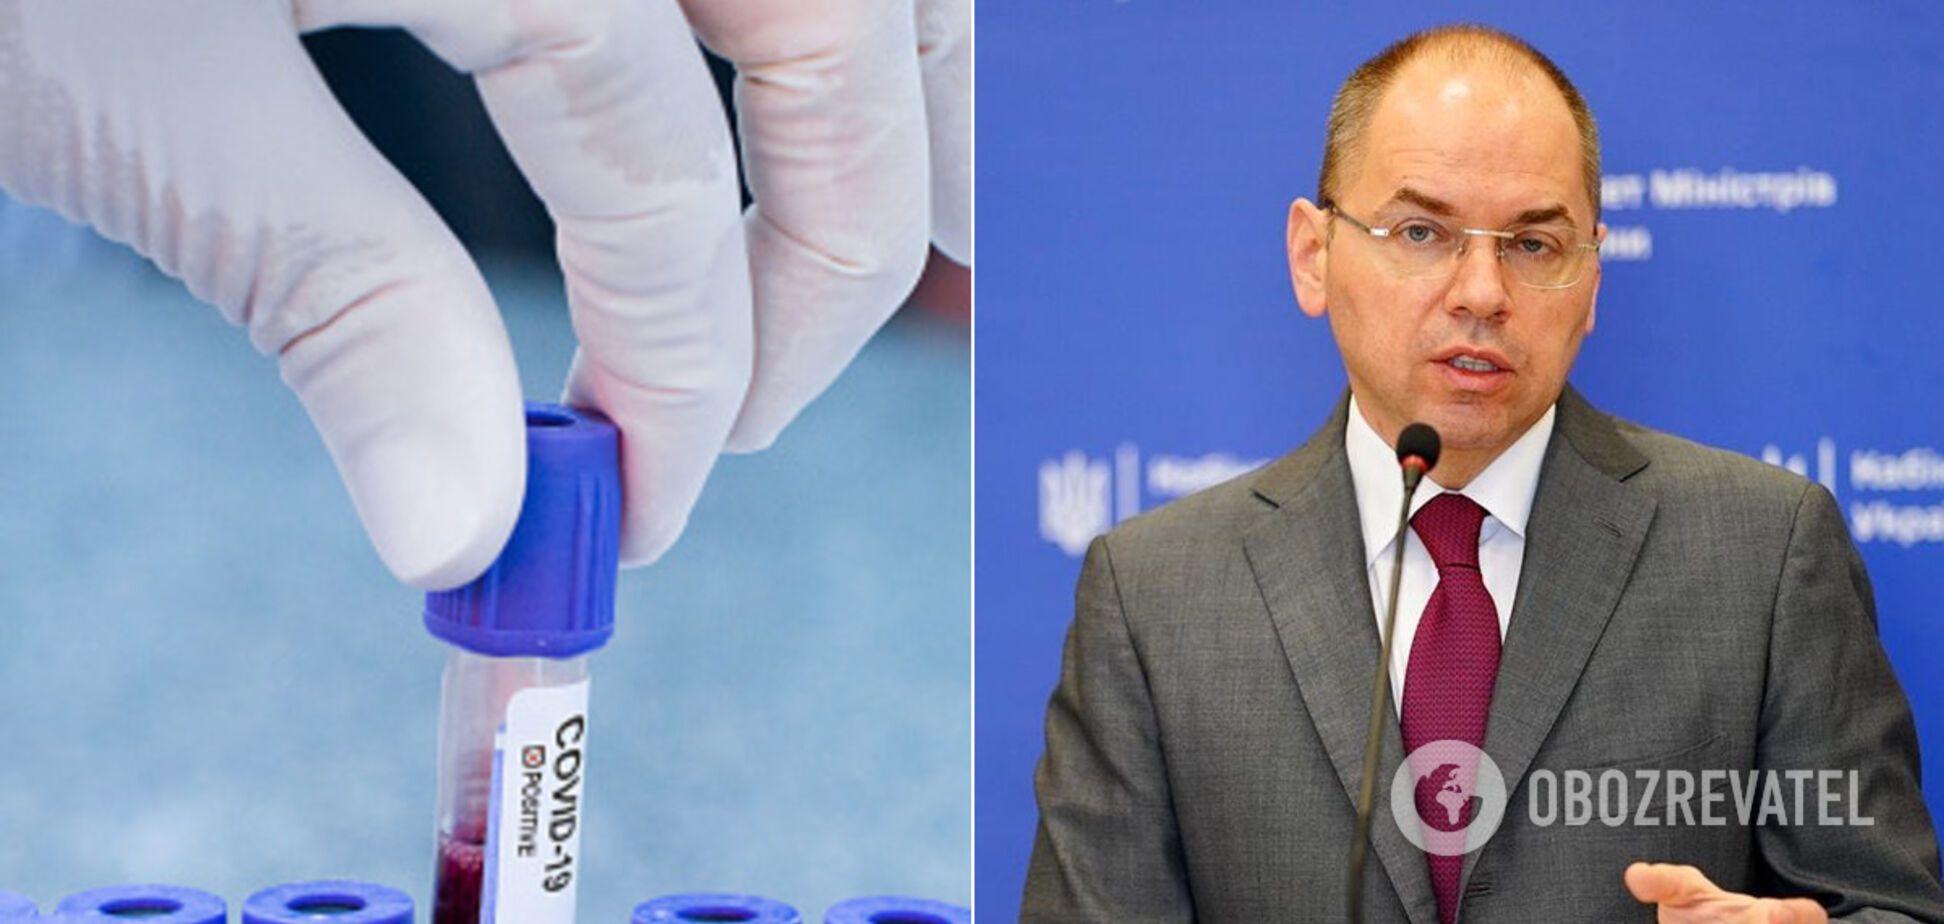 Максим Степанов озвучив статистику щодо коронавірусу в Україні